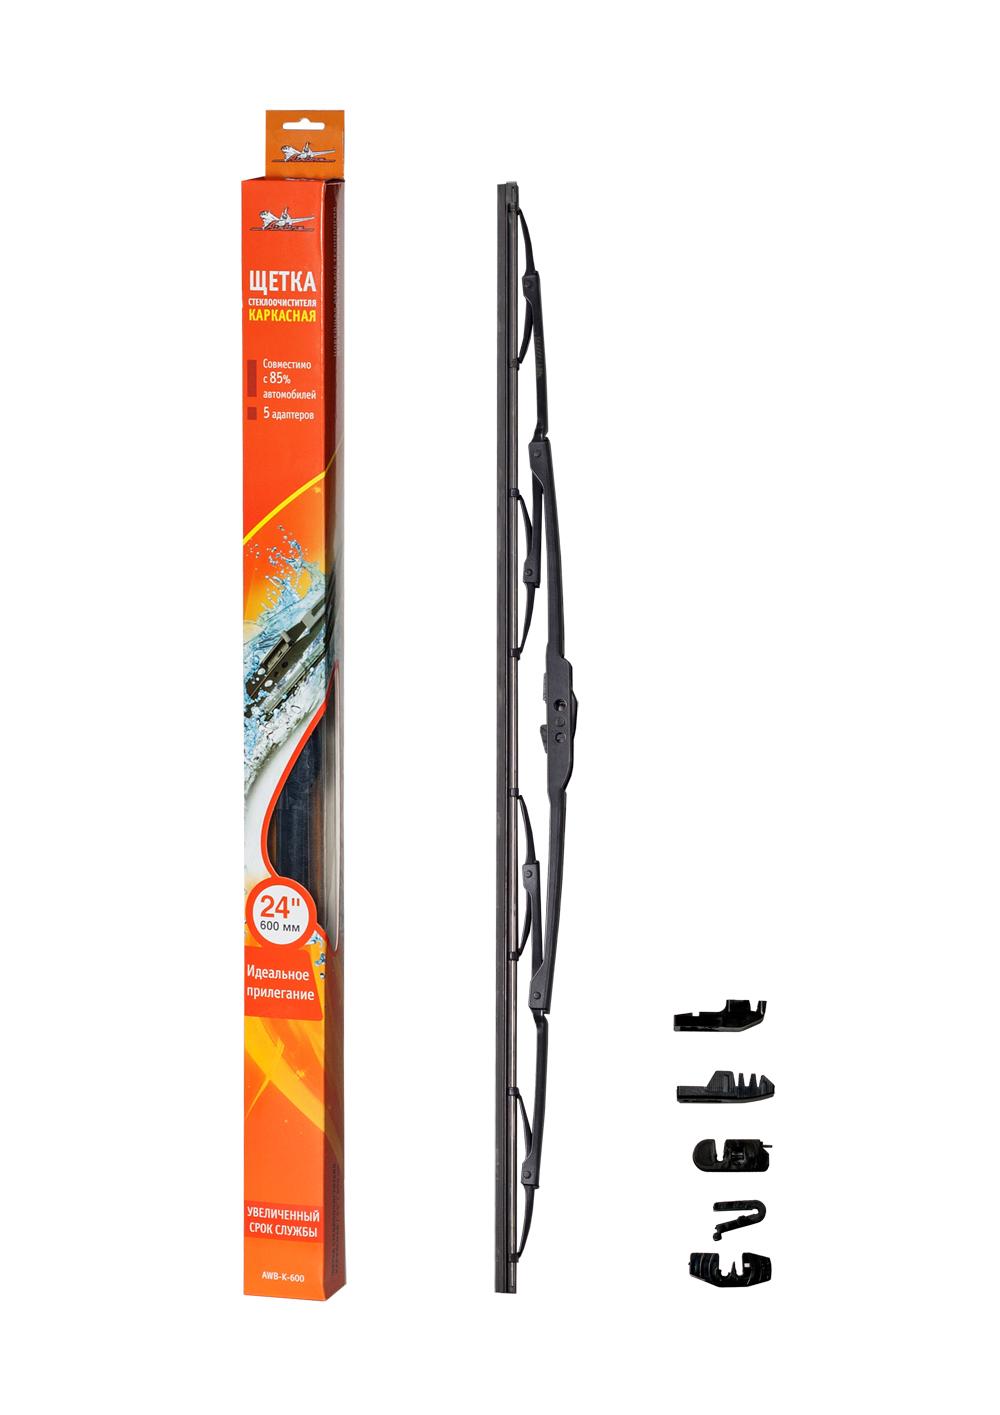 AIRLINE - Щетка стеклоочистителя 600 мм (24